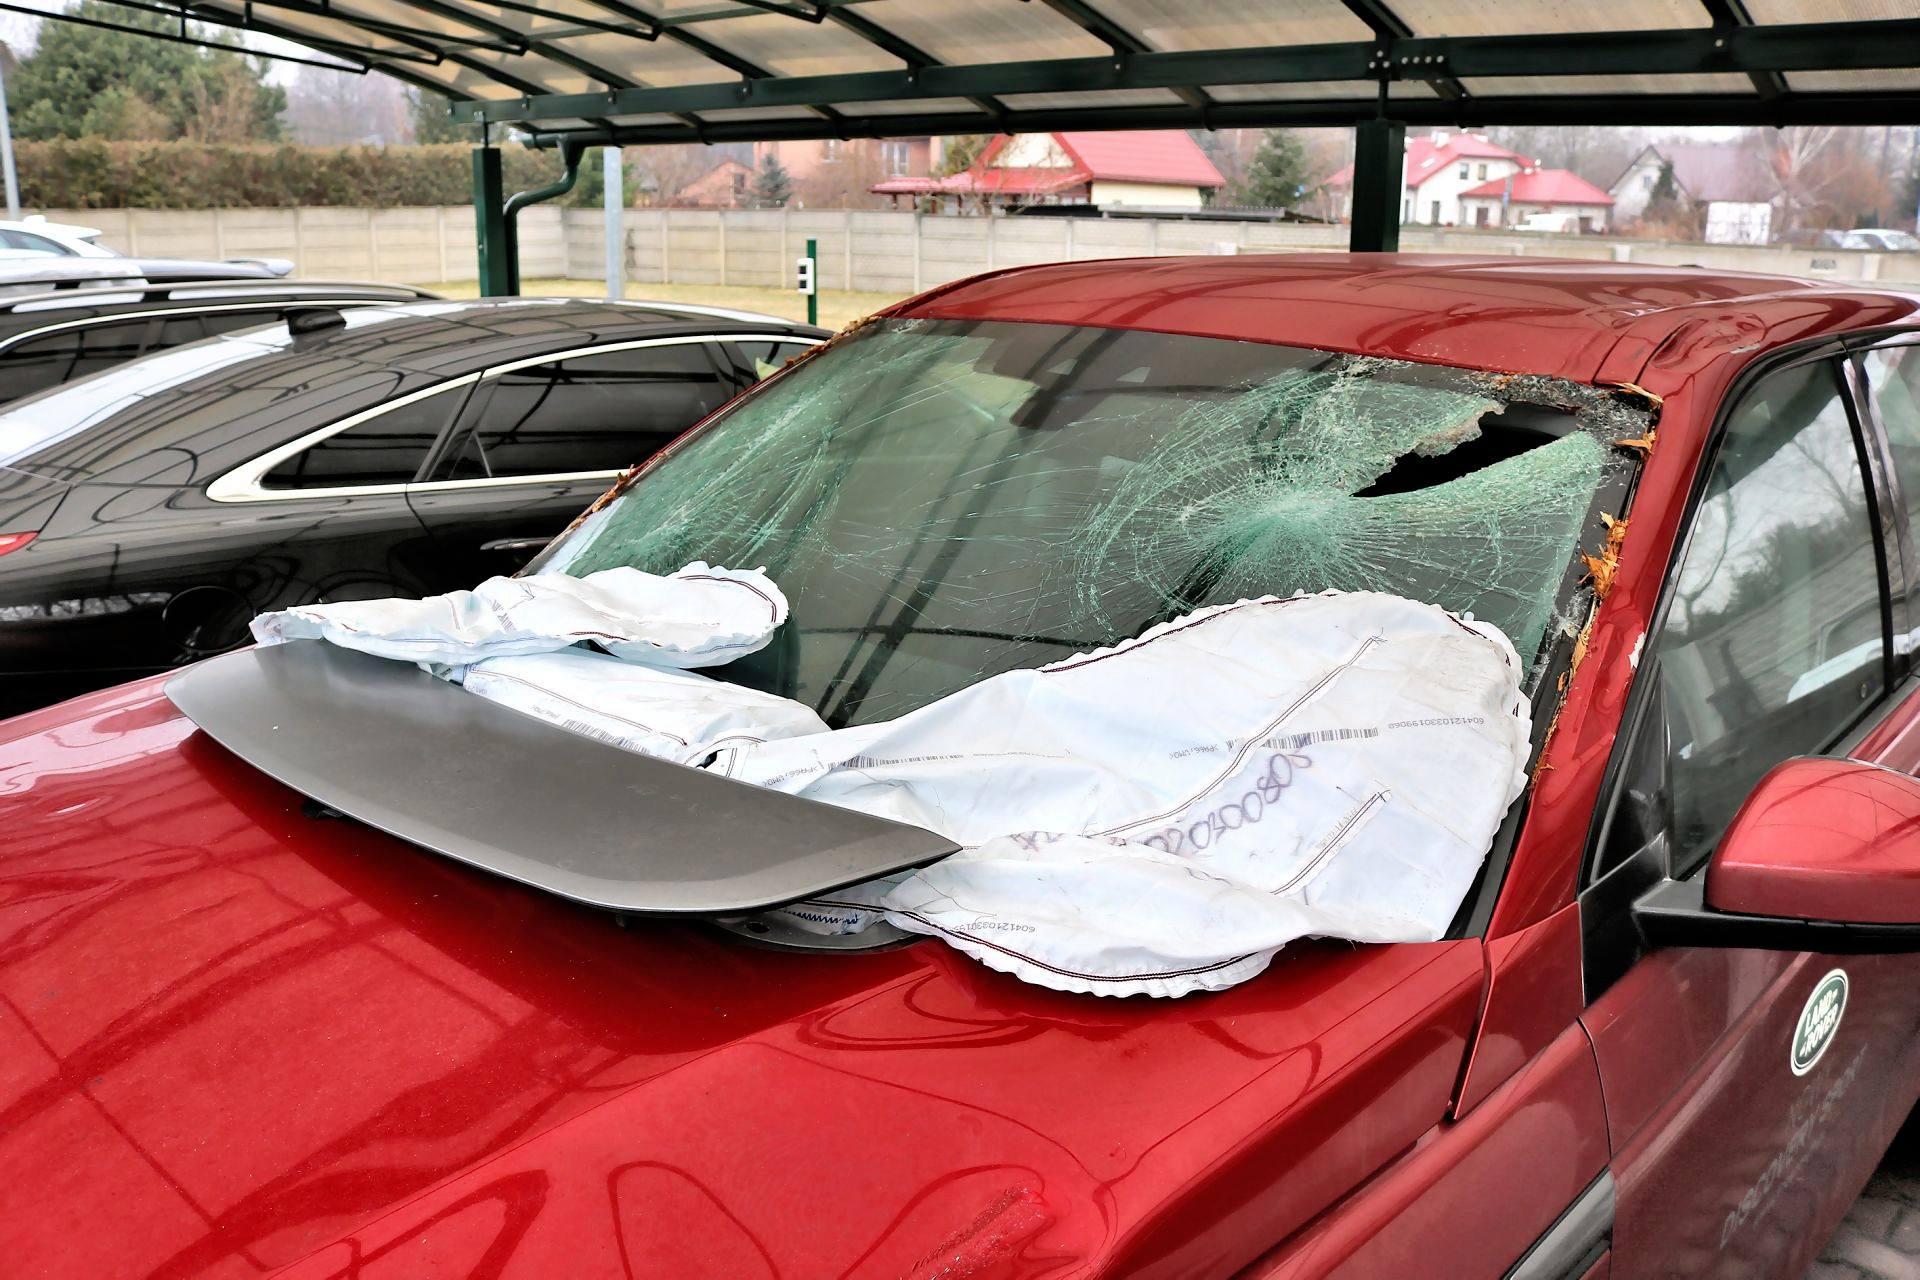 Samochody Powypadkowe Których Się Wystrzegać Strona 2